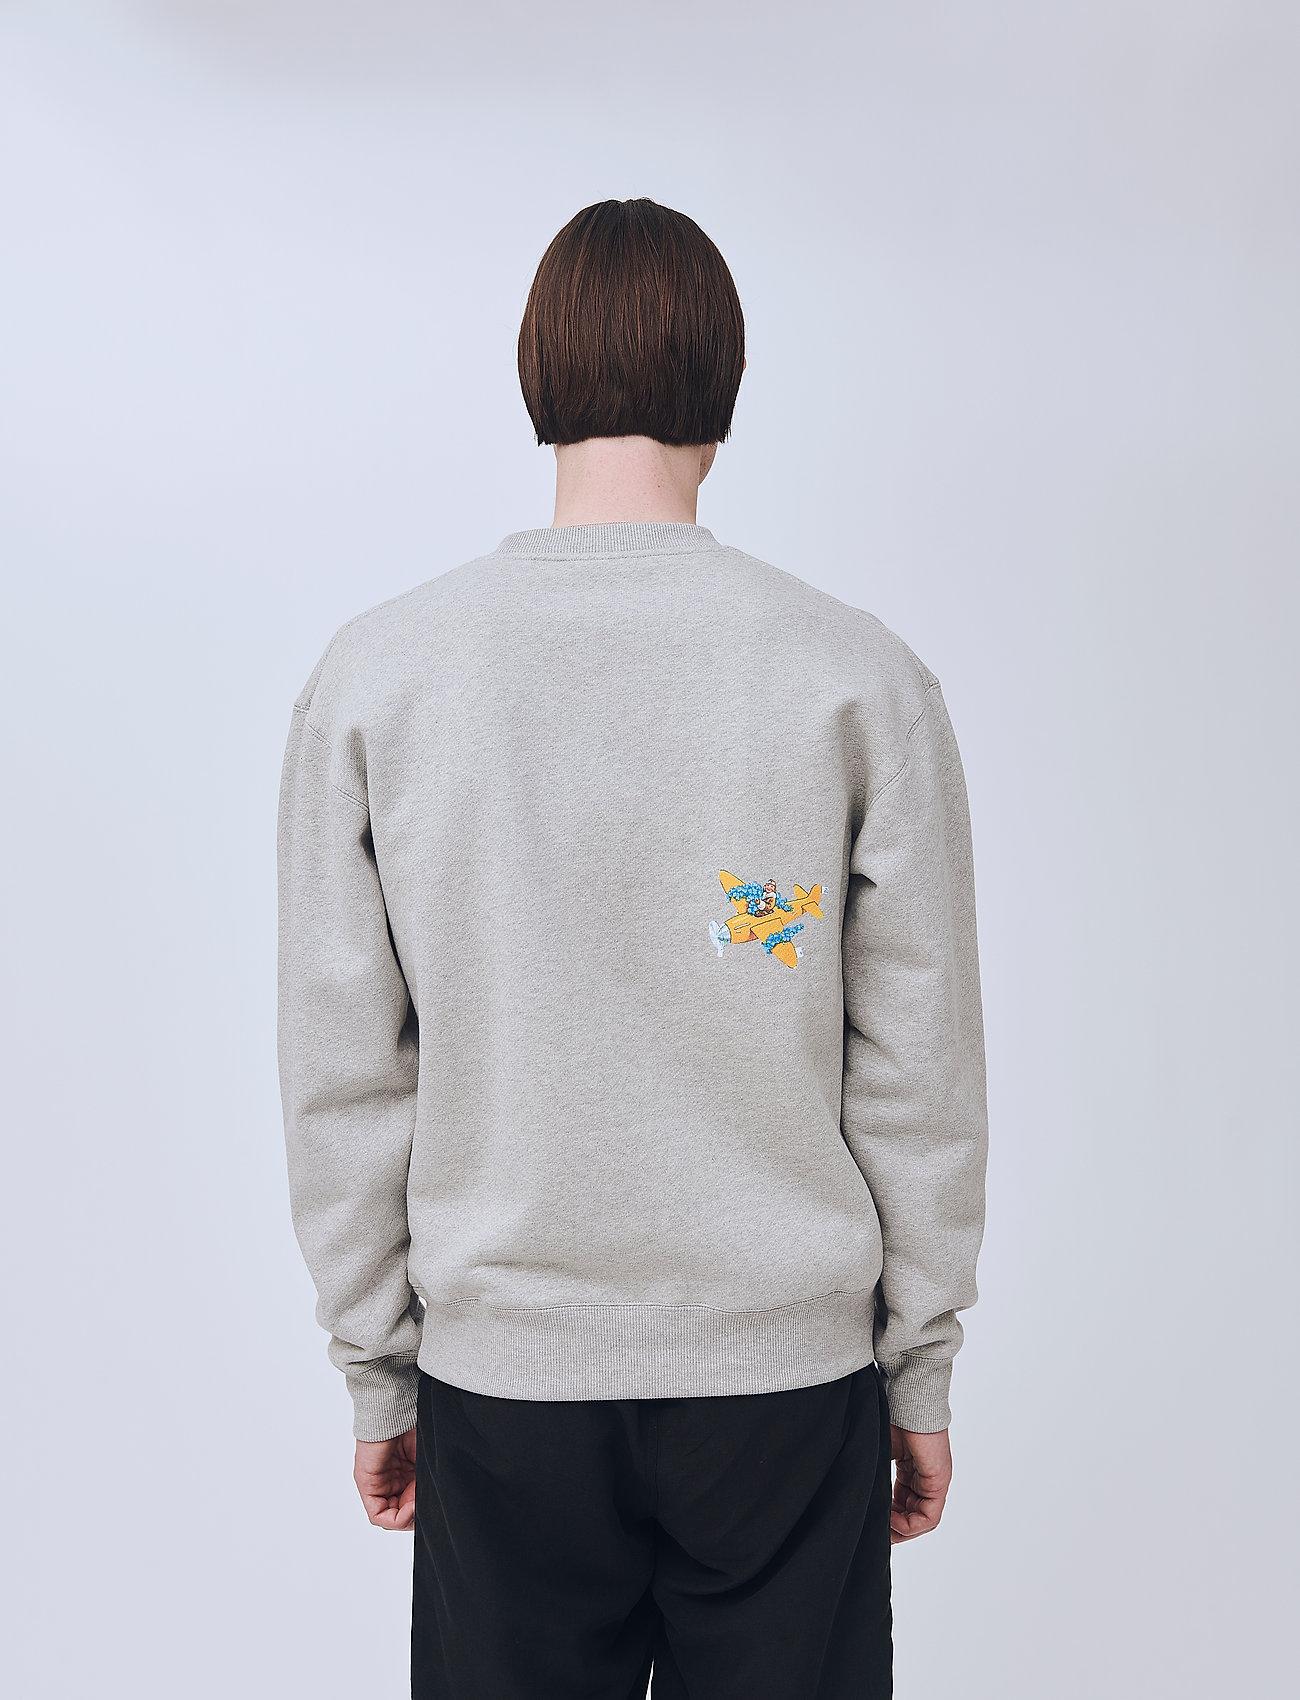 Scraps Sweatshirt (Grey Melange) (111 €) - Soulland MxOjT